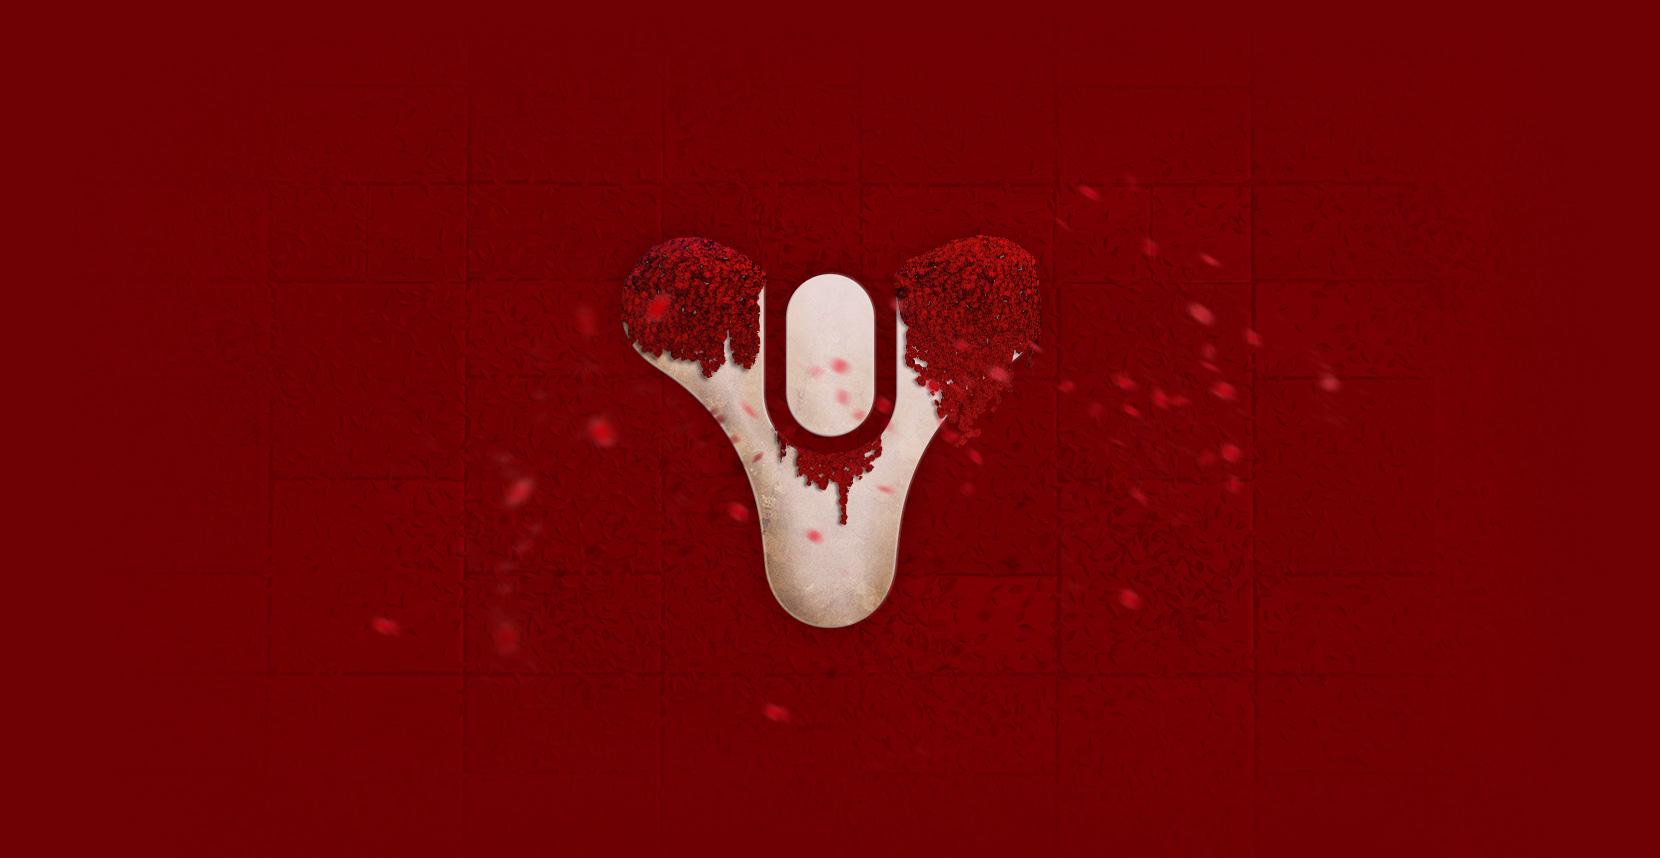 Destiny: Scharlach Woche – Event färbt Turm rot, bringt neue Shader, Gesten, Geisthüllen